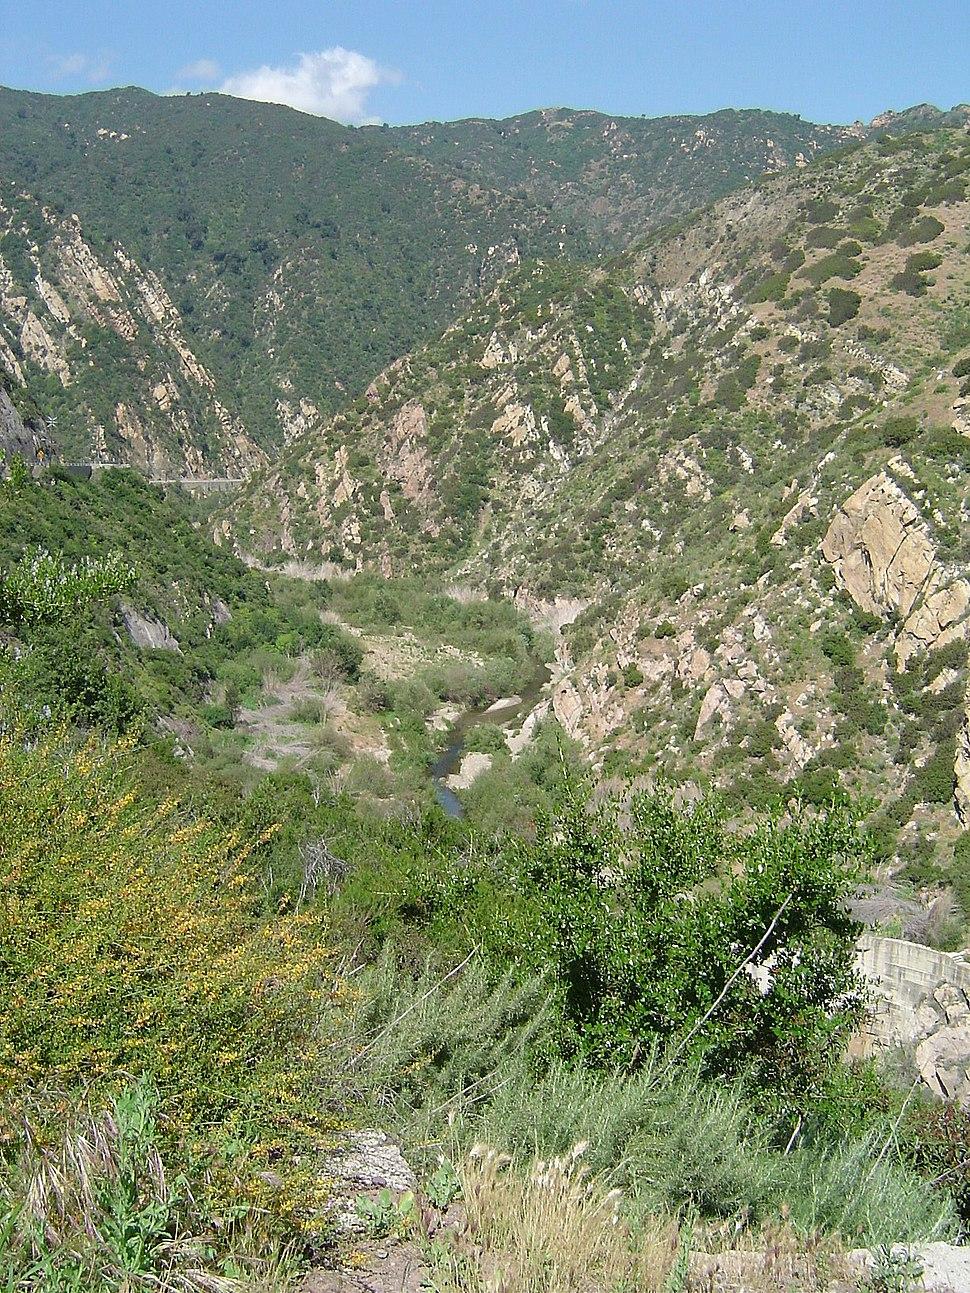 Santa monica mountains canyon